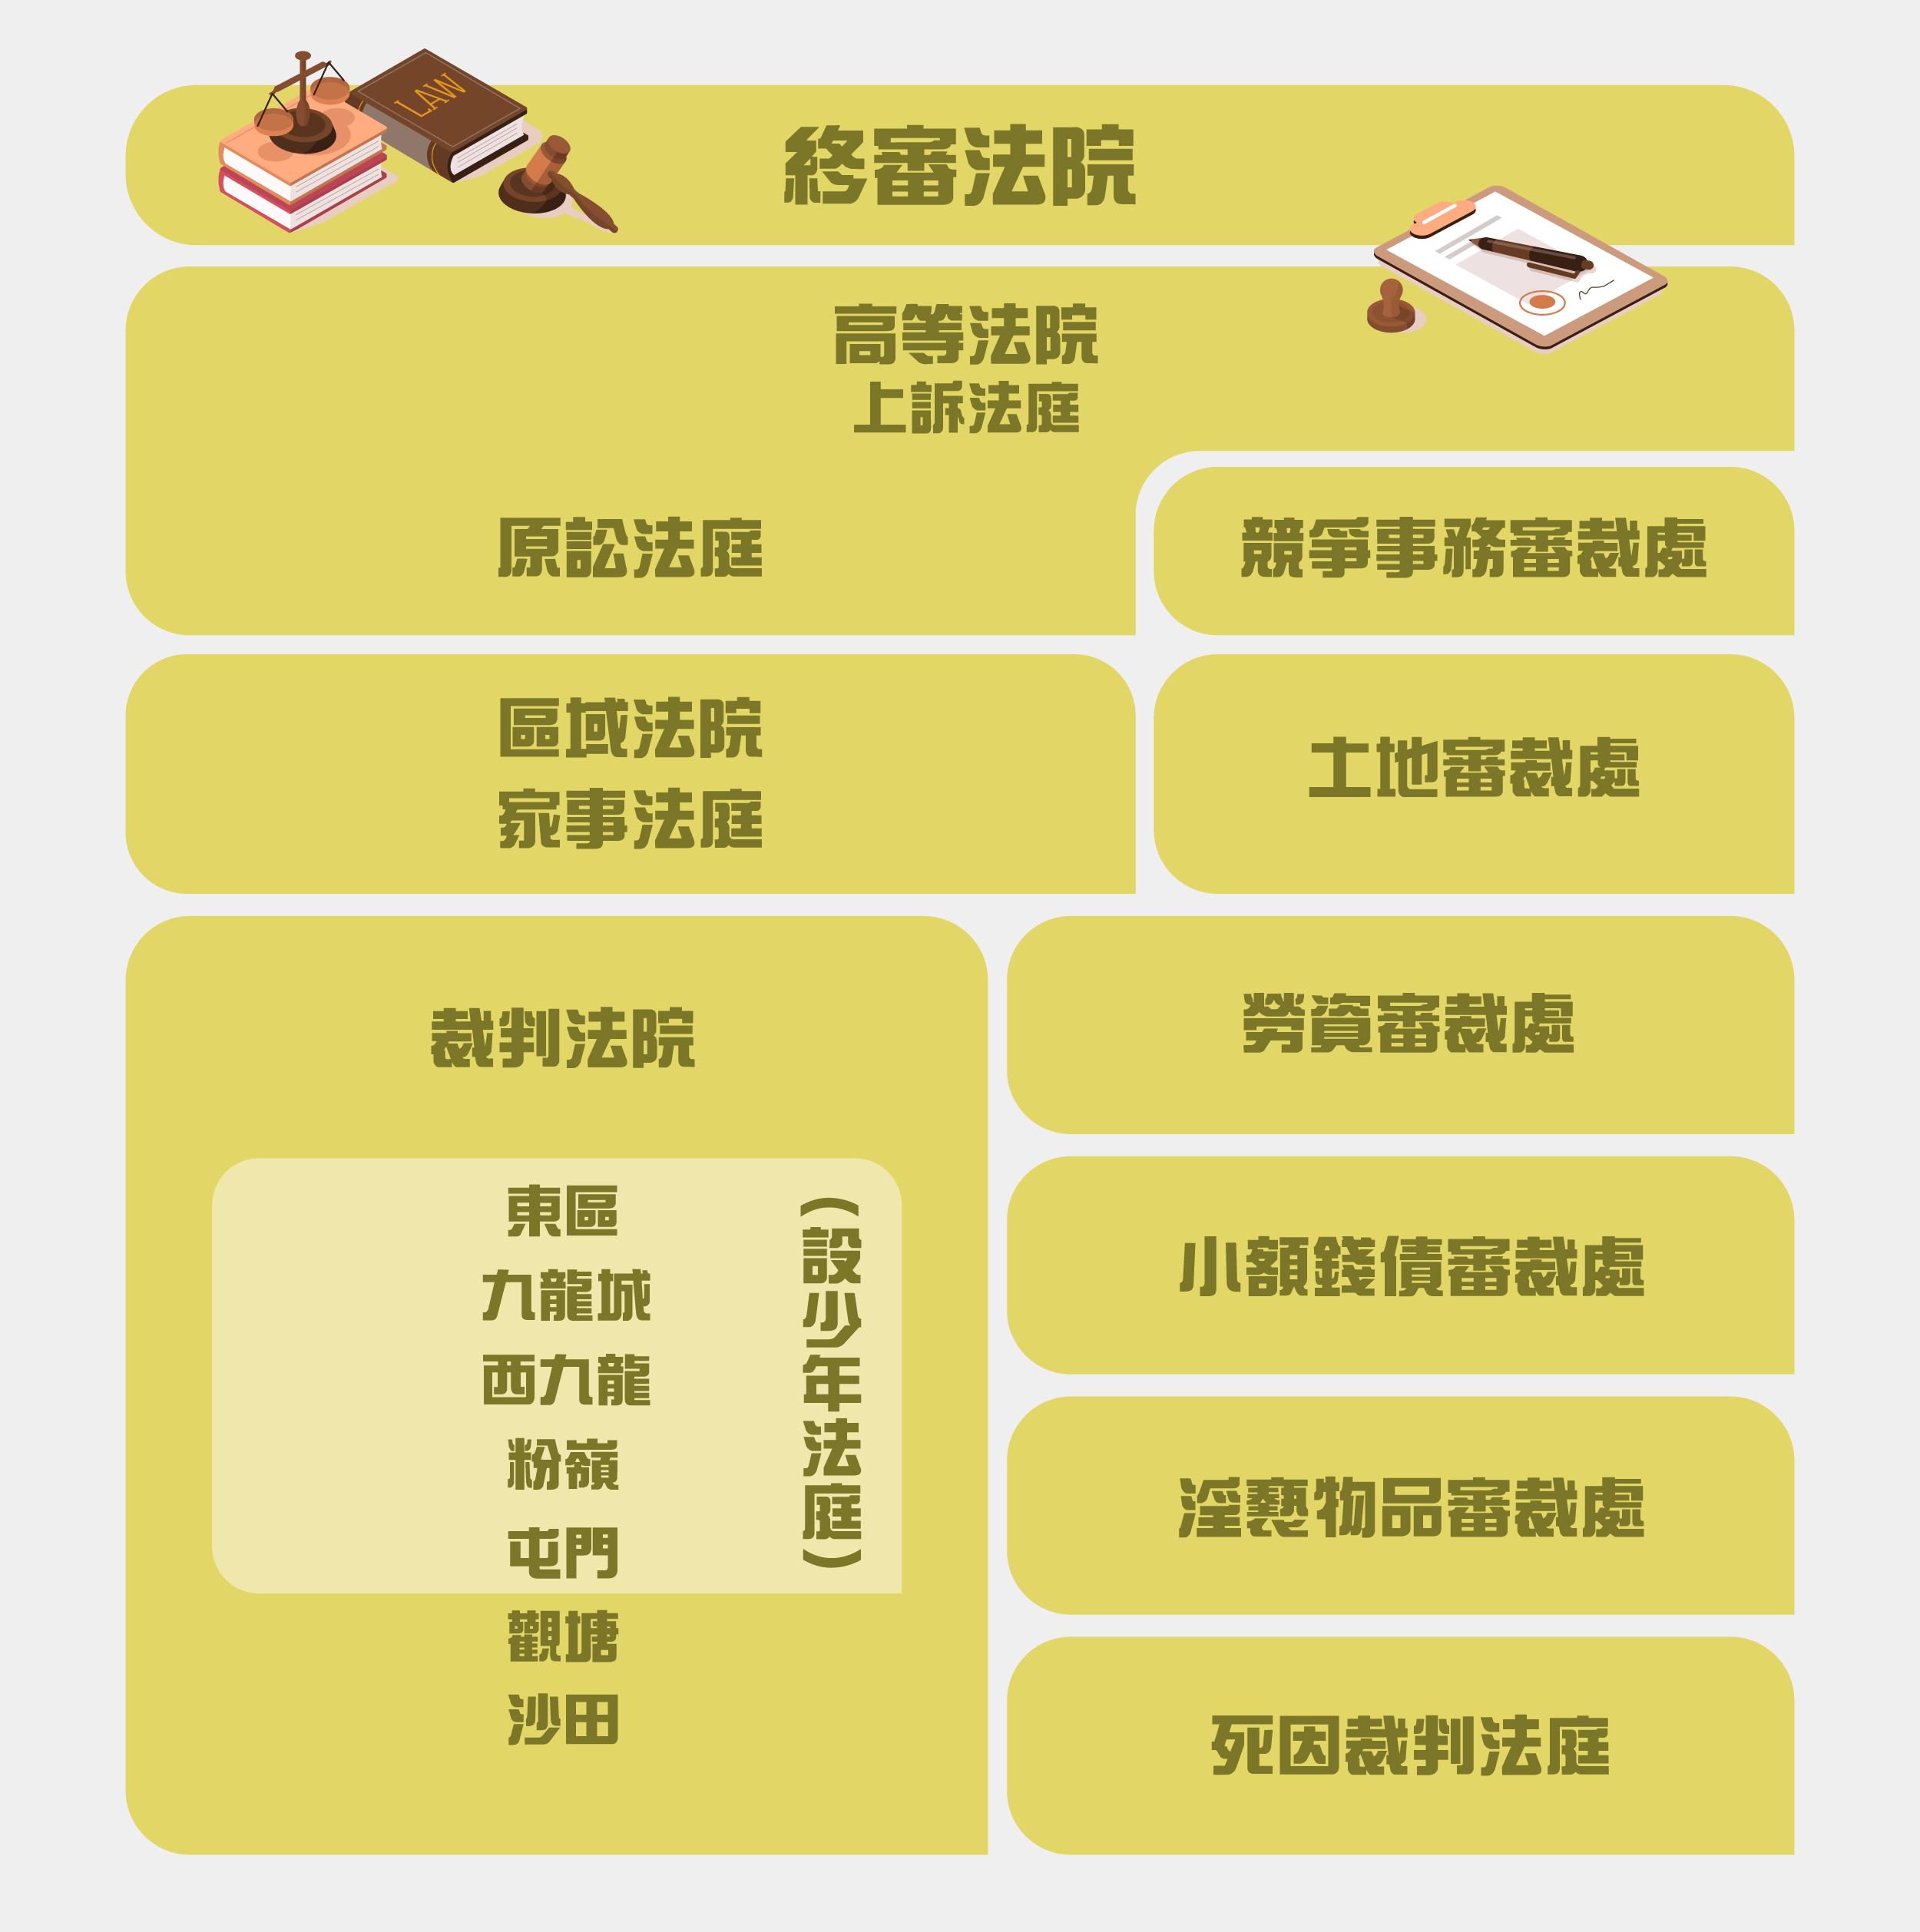 ls_fayuan_gongzuoquyu_1